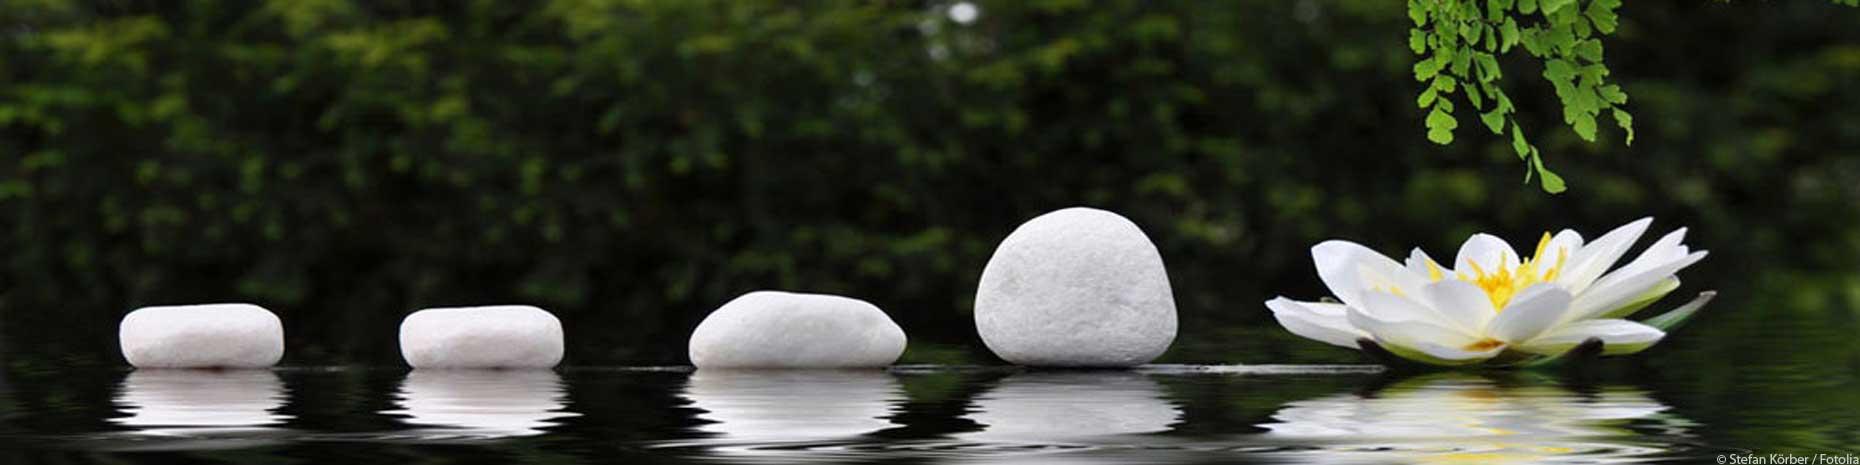 Headergrafik Steinreihe mit Seerose